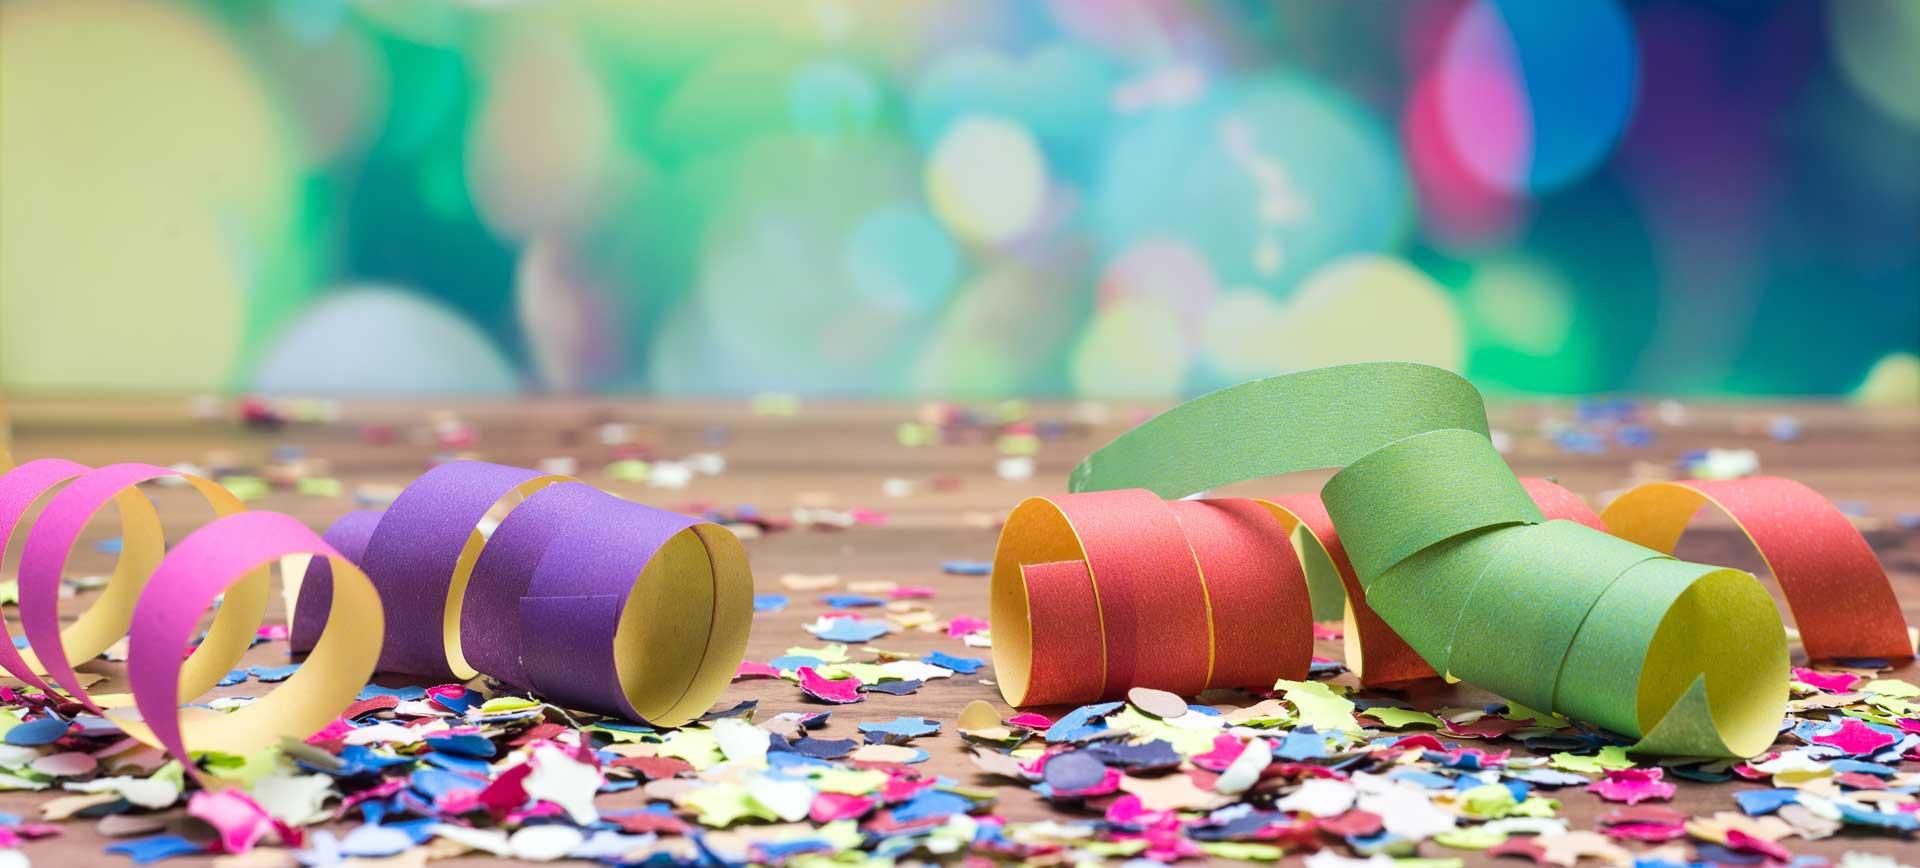 Ideen Geburtstagsfeier  Die besten Deko Ideen für Geburtstagsfeier